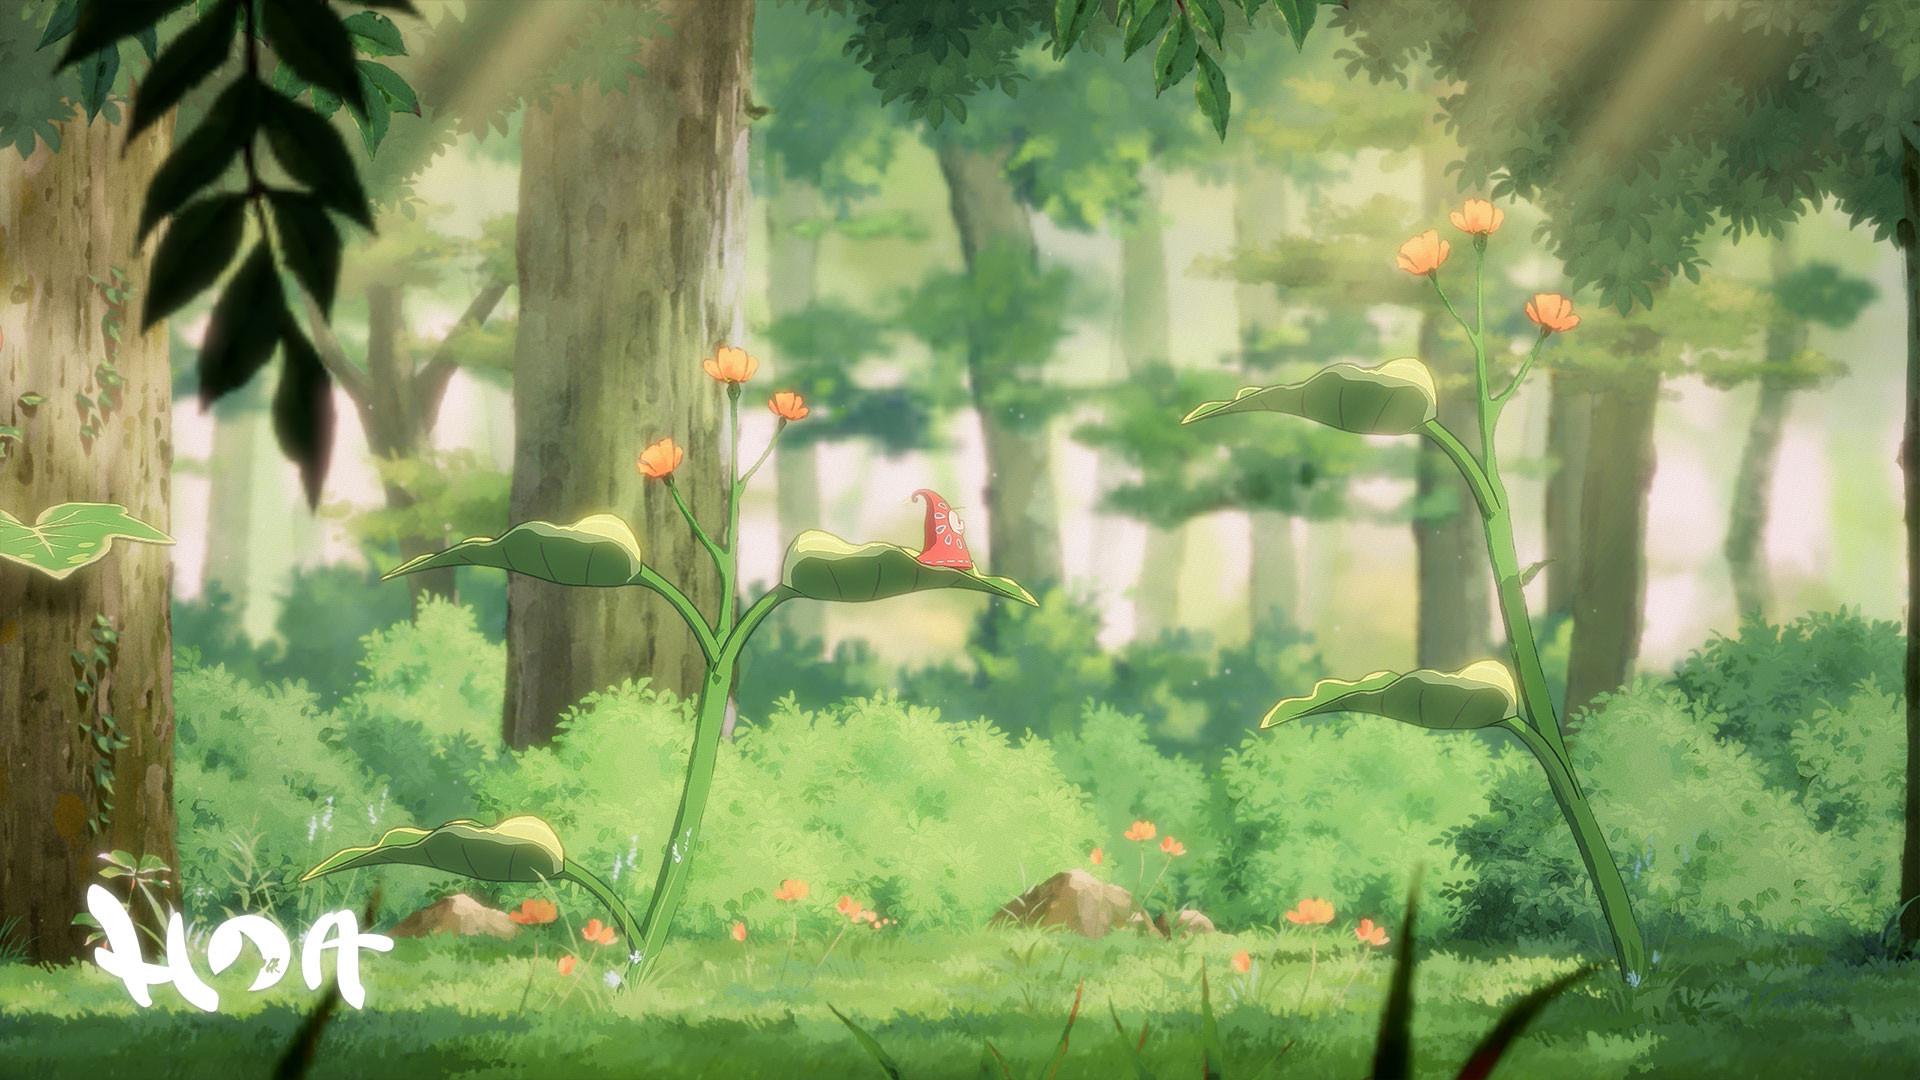 Hoa the game | Screenshot 02